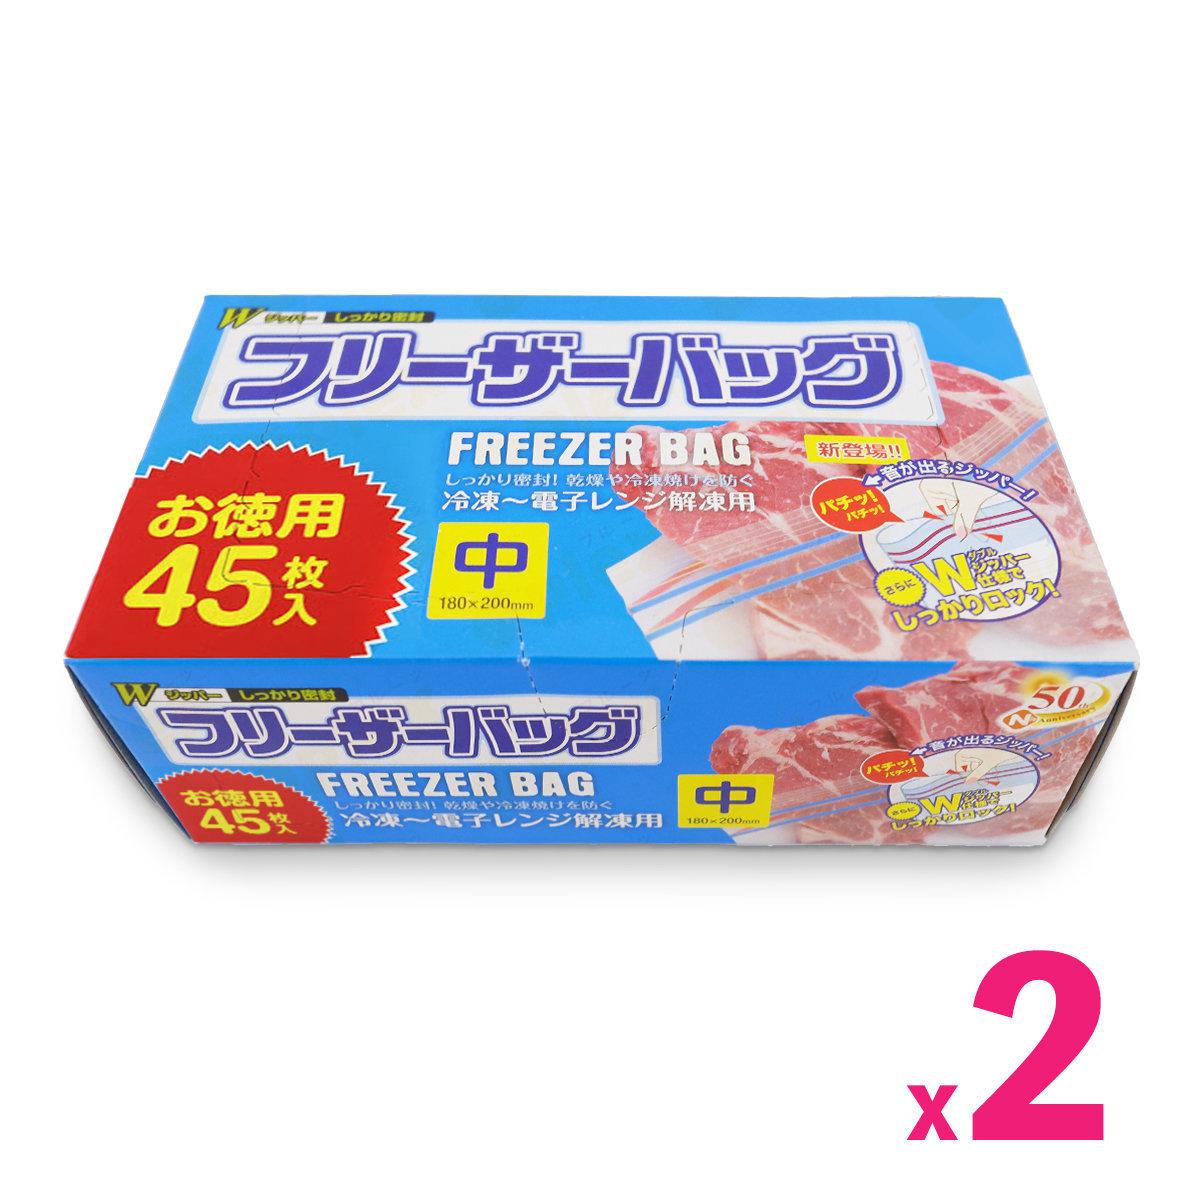 Japan Freezer Microwave Zipping Bag - Medium Size (45pcs) x 2